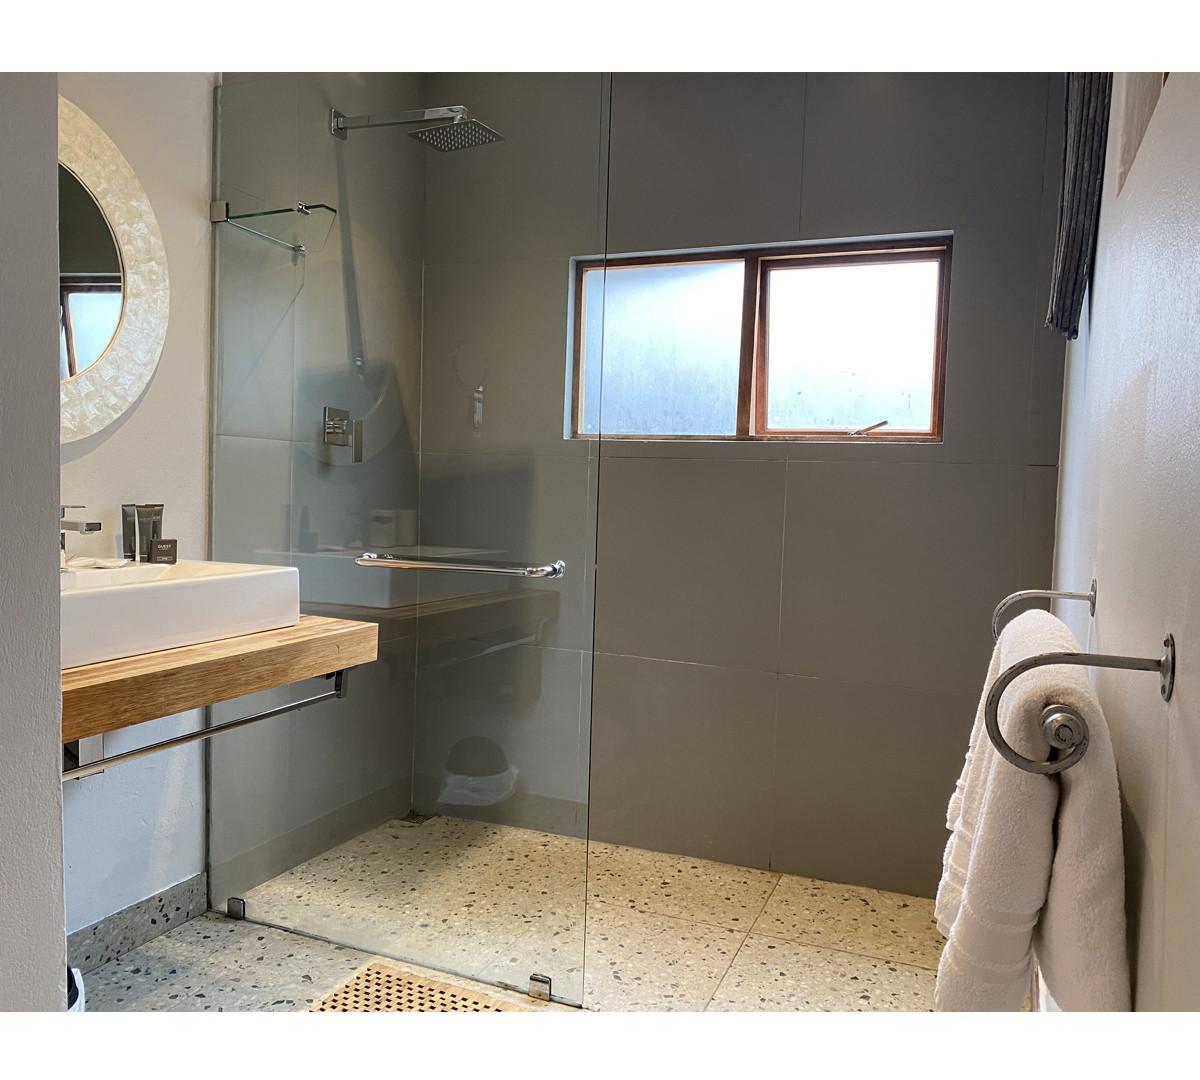 khanyakude-ekhaya-bathroom.jpg